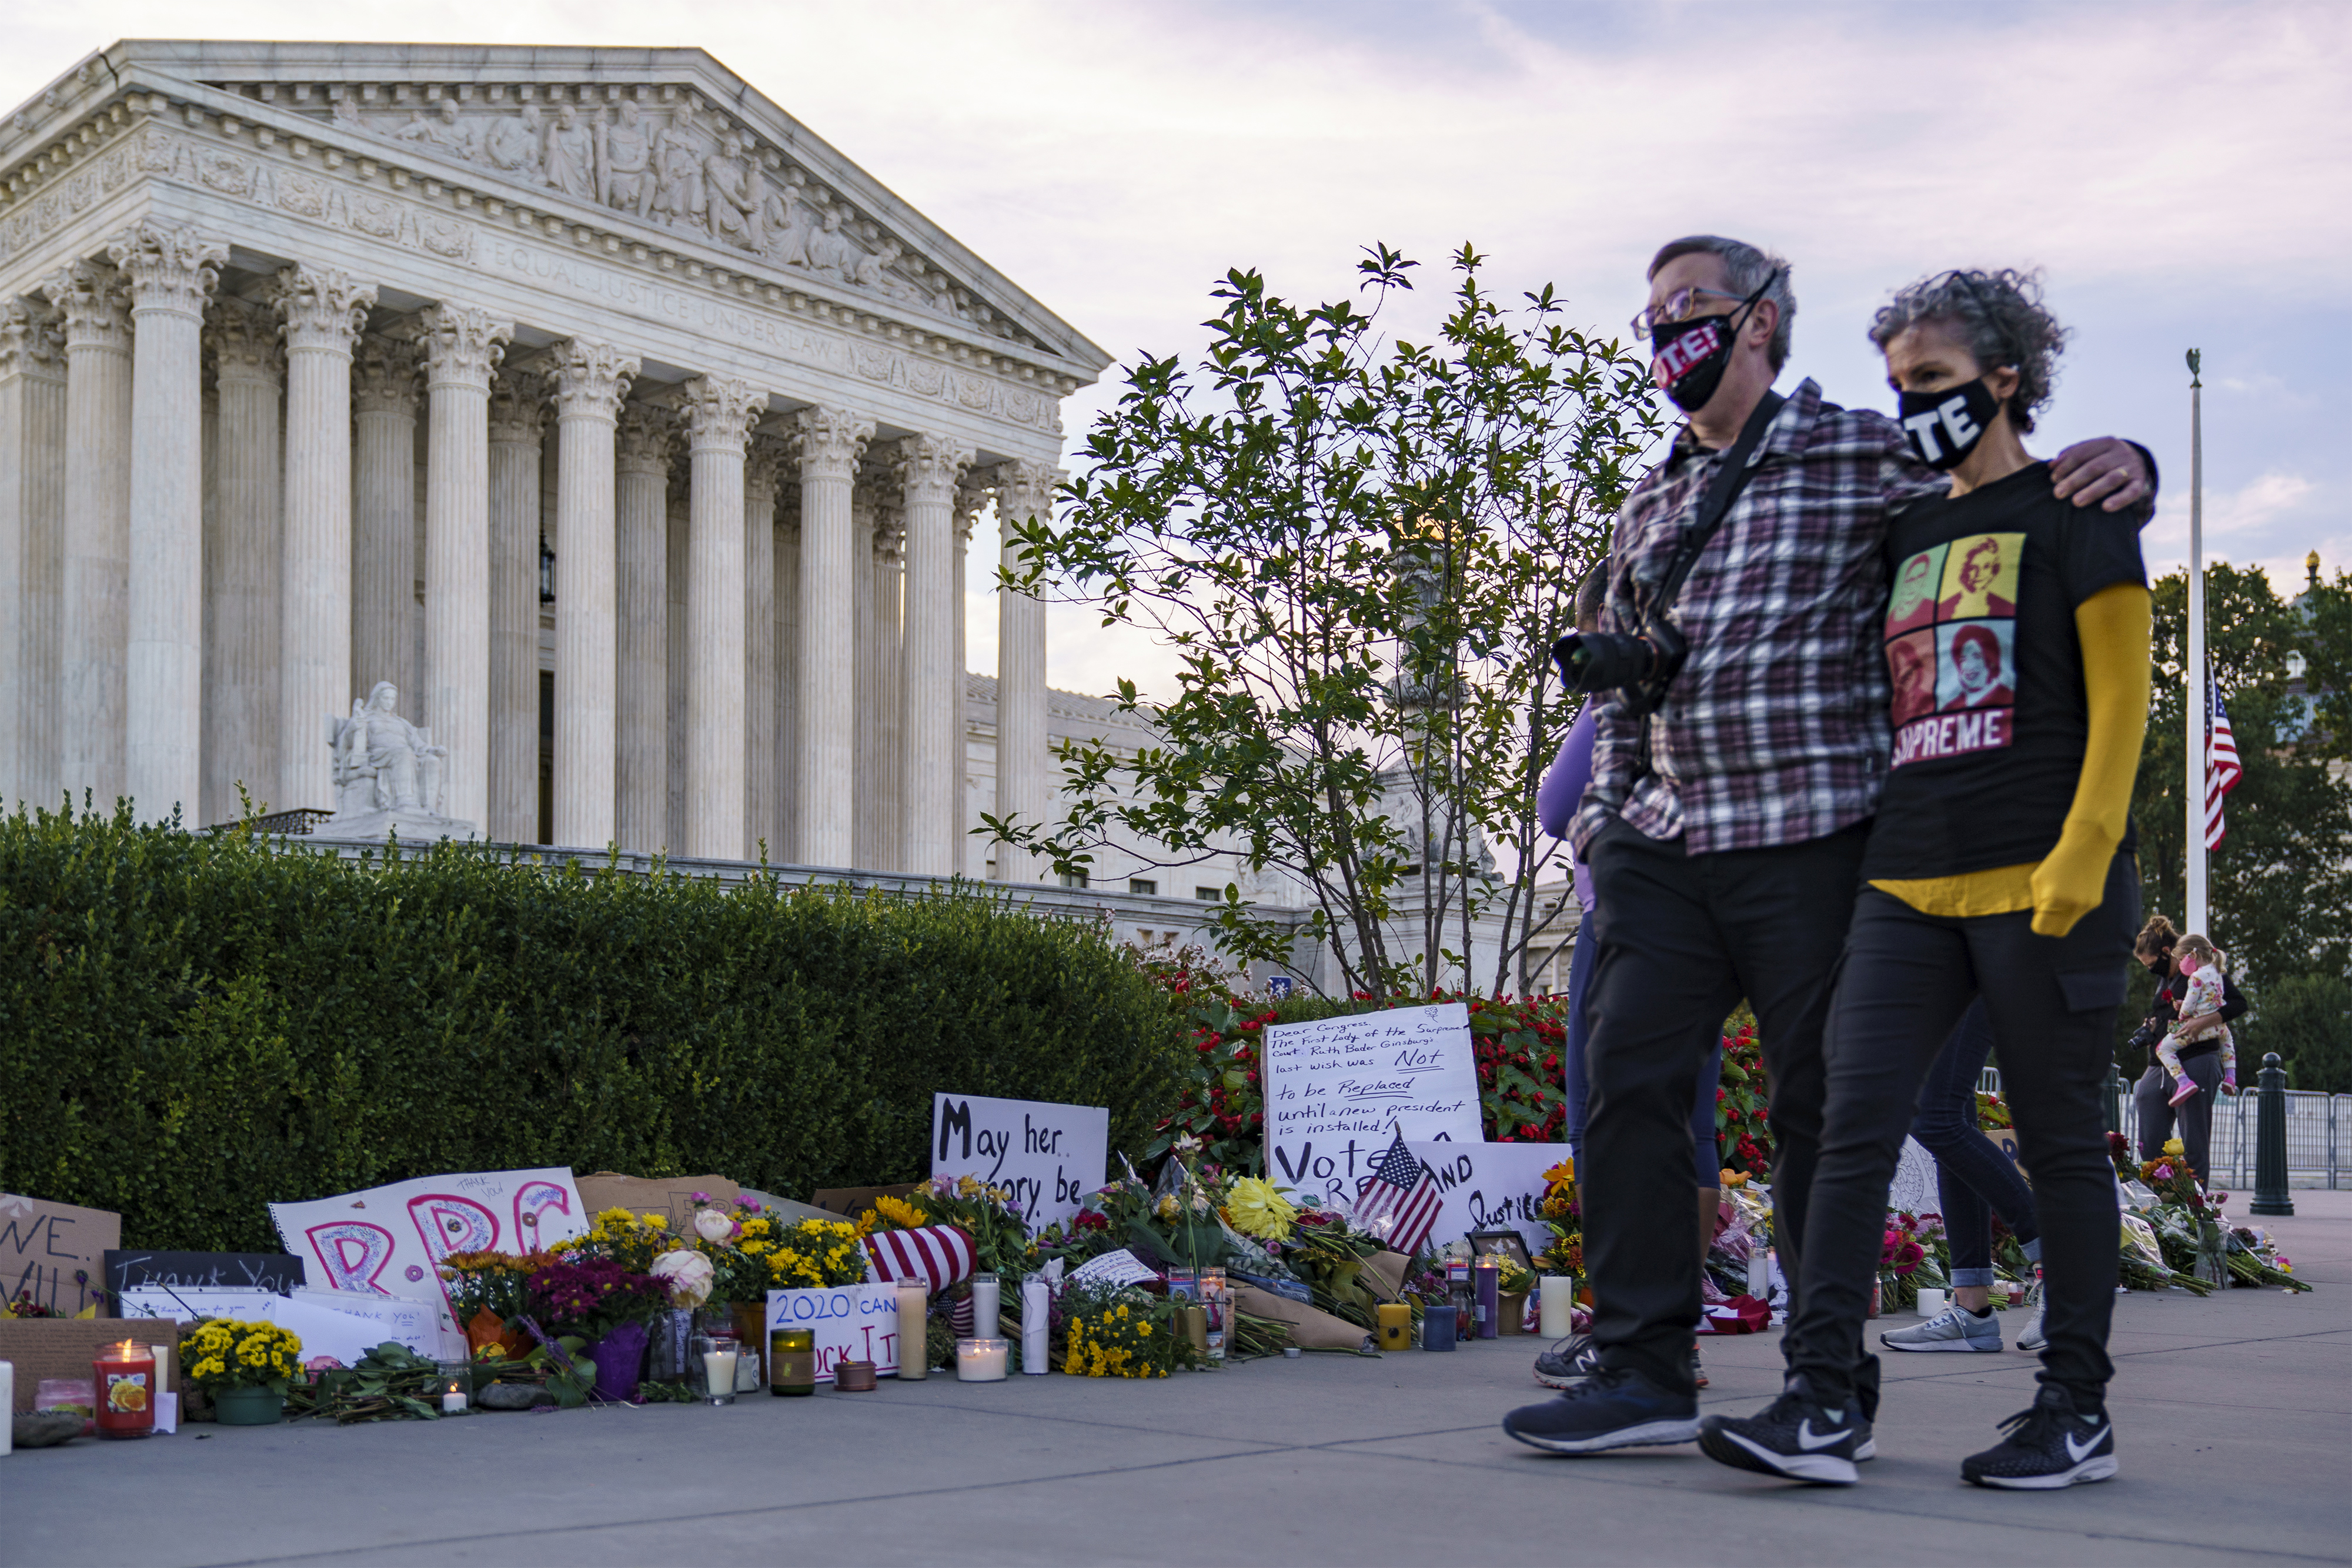 特朗普表示,正非常認真地物色出任最高法院大法官的人選,他會在本周末前,即是金斯伯格的喪禮結束後,公布提名人選。圖為最高法院前的悼念花海。    美聯社